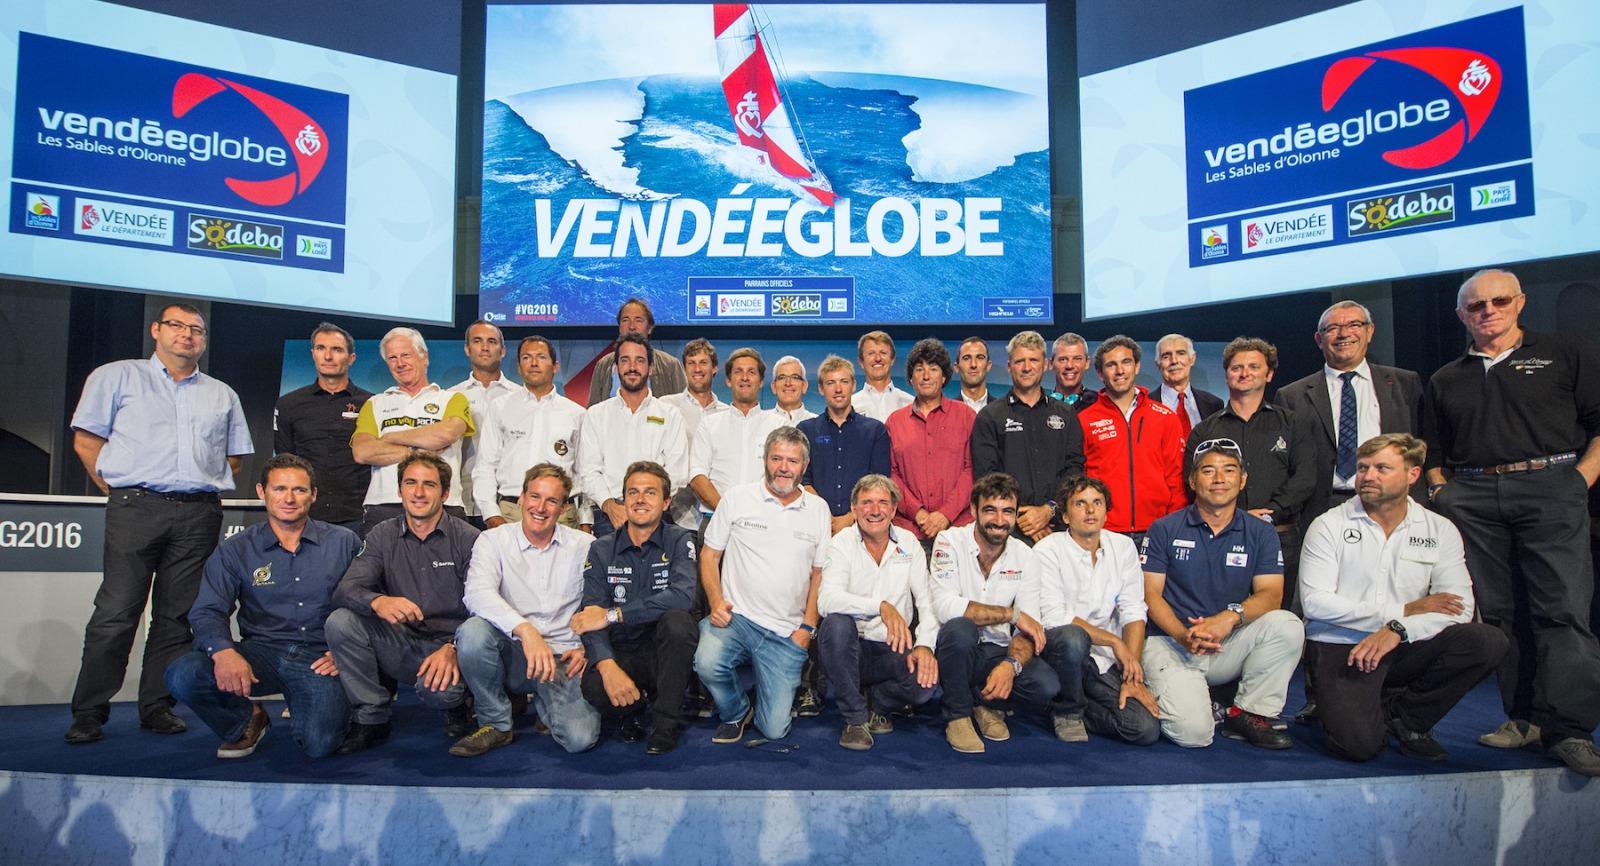 vg2016-press-paris-sept_-official-_photo_image-r-1600-1200-2